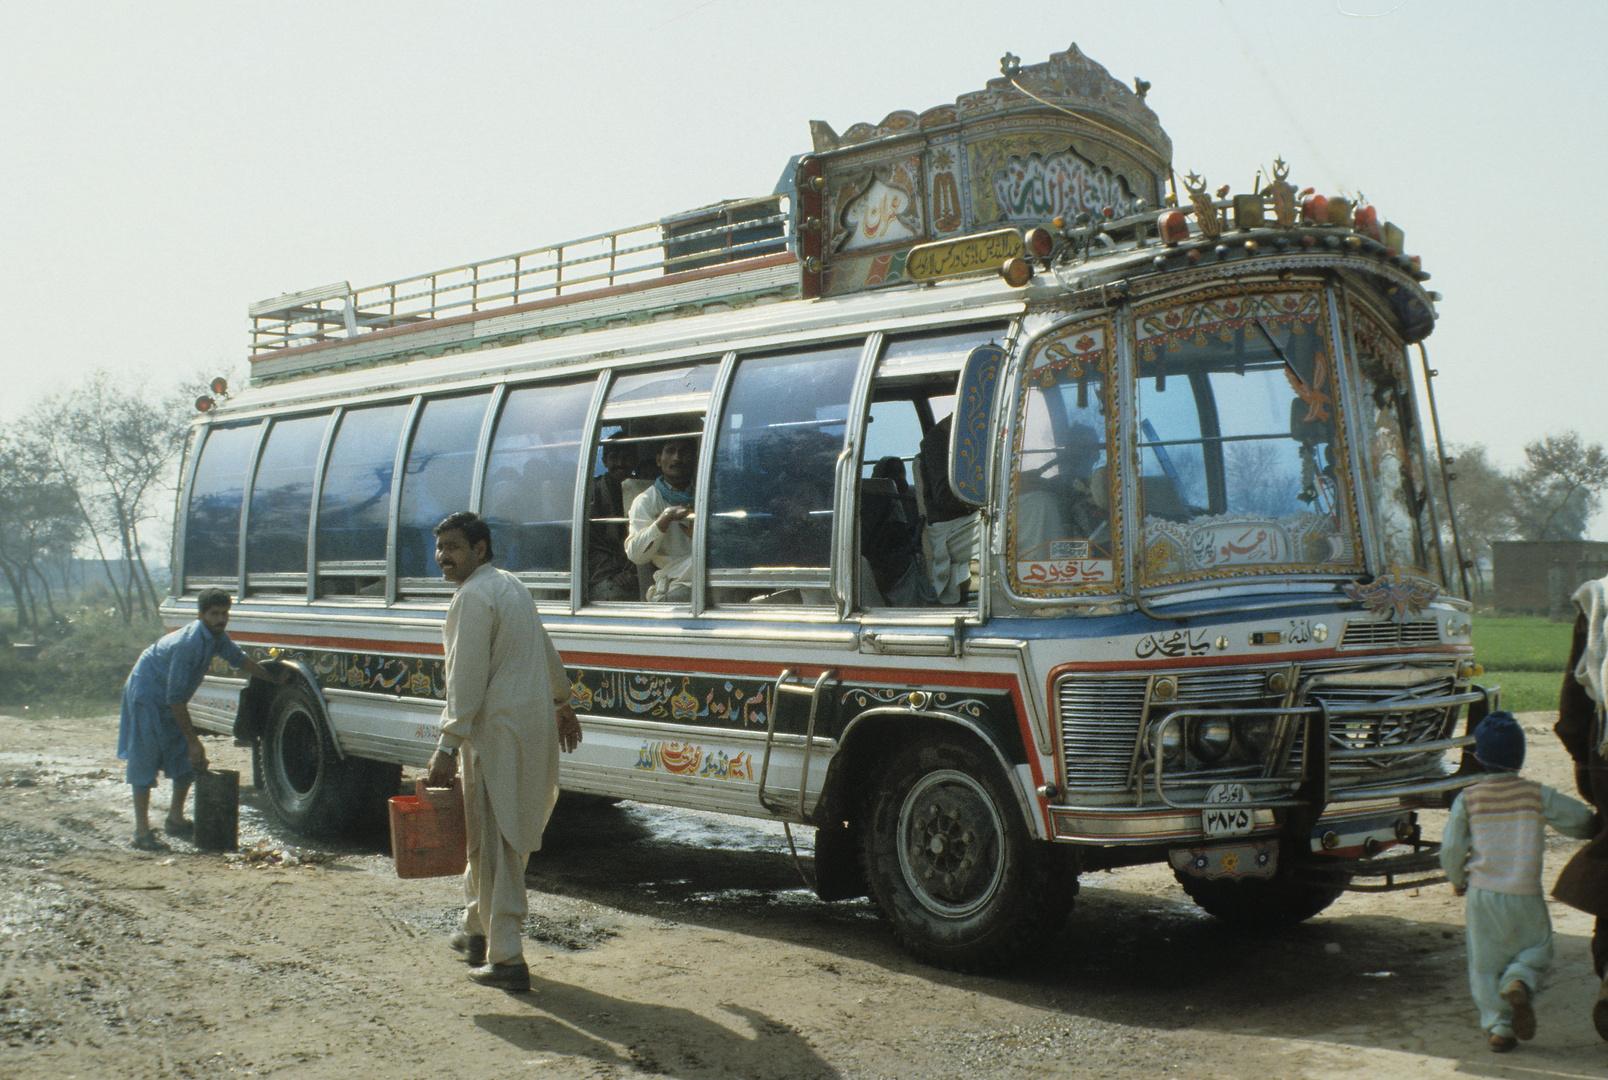 ein pakistanischer Bus